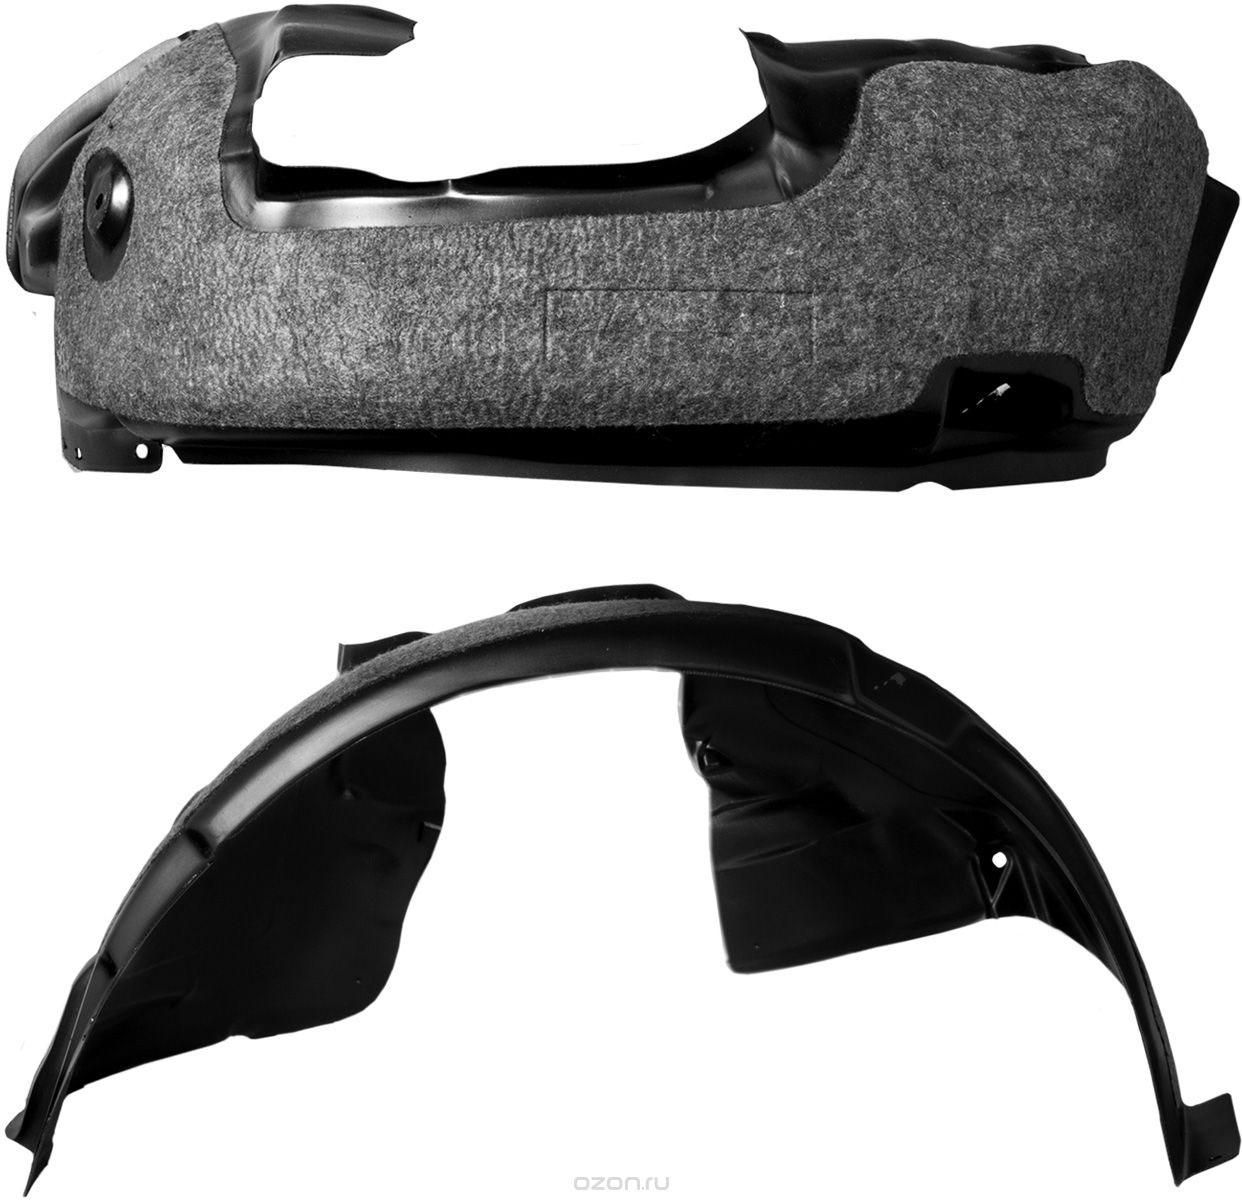 Подкрылок Novline-Autofamily с шумоизоляцией, для Lifan X60, 07/2016->, кроссовер, передний левыйNLS.73.10.001Идеальная защита колесной ниши. Локеры разработаны с применением цифровых технологий, гарантируют максимальную повторяемость поверхности арки. Изделия устанавливаются без нарушения лакокрасочного покрытия автомобиля, каждый подкрылок комплектуется крепежом. Уважаемые клиенты, обращаем ваше внимание, что фотографии на подкрылки универсальные и не отражают реальную форму изделия. При этом само изделие идет точно под размер указанного автомобиля.